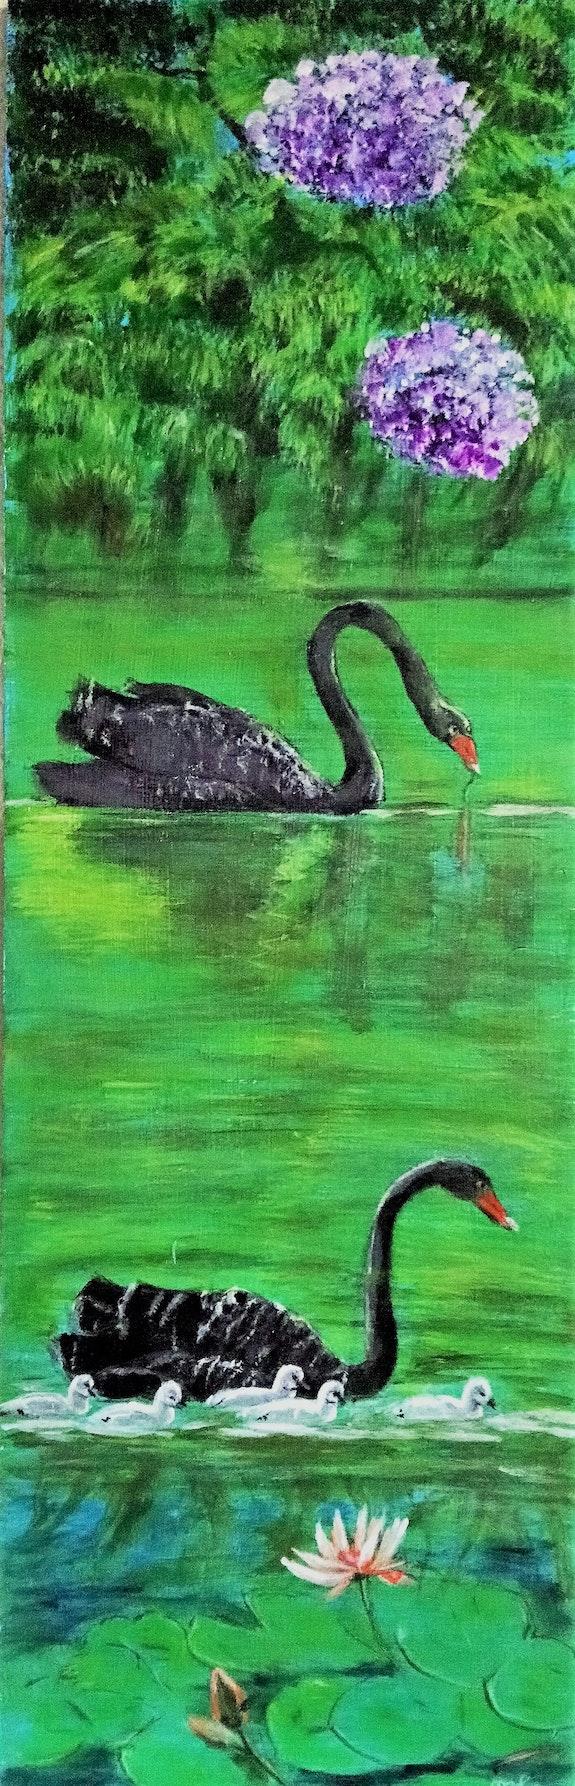 Les cygnes noirs. M-J M M-j m